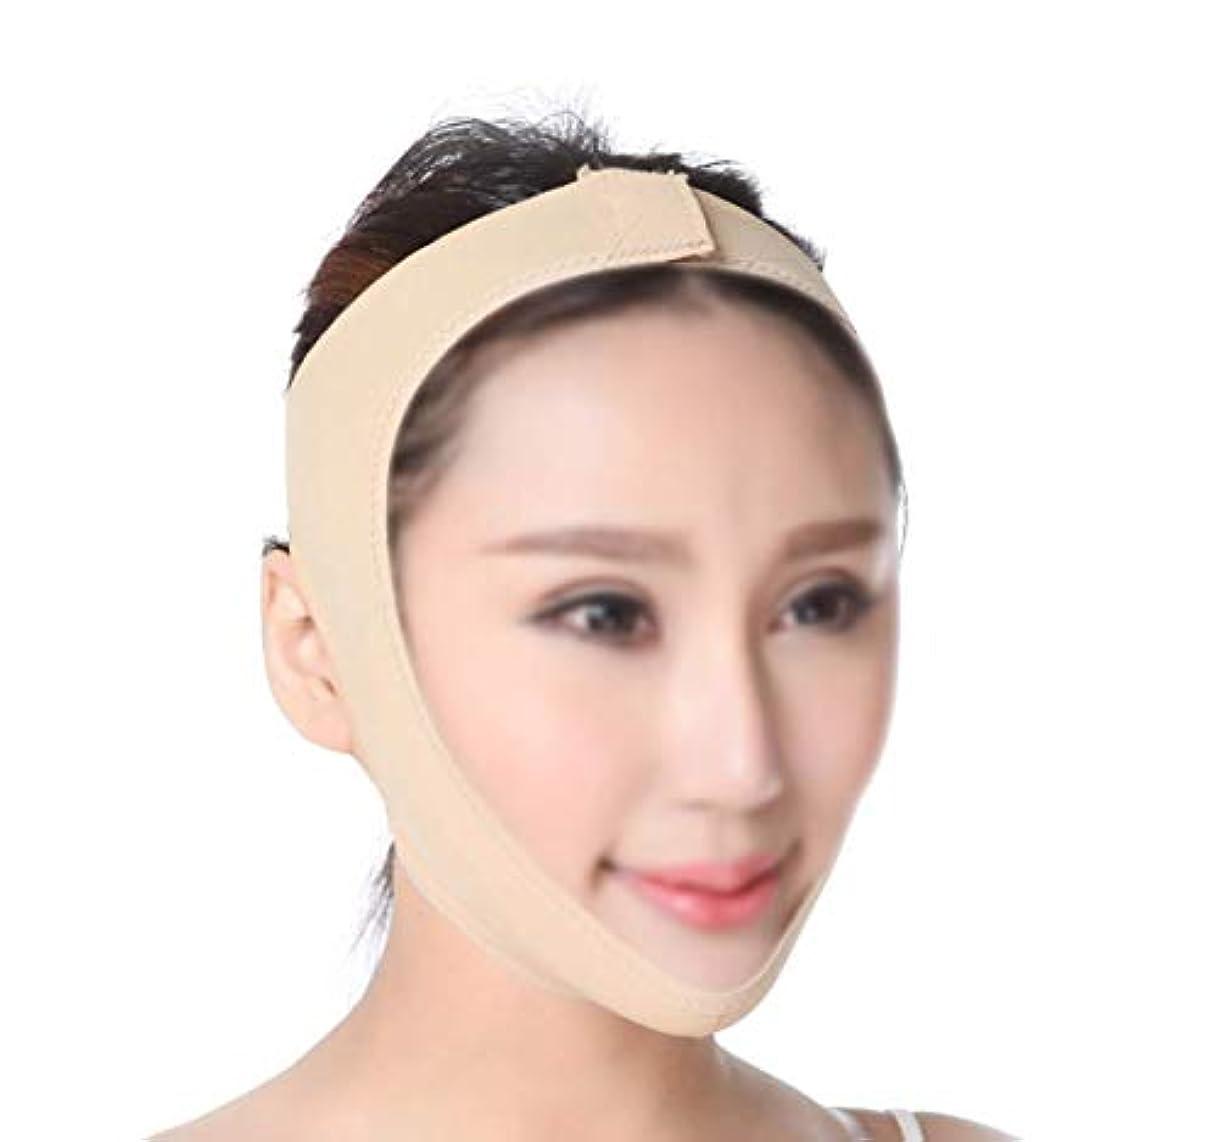 ほとんどないチューリップモンクフェイスリフティング包帯、フェイシャル減量しわ防止ケアフェイスが肌を引き締め、効果的にダブルチンを改善し、V字型の顔になります(サイズ:XL)